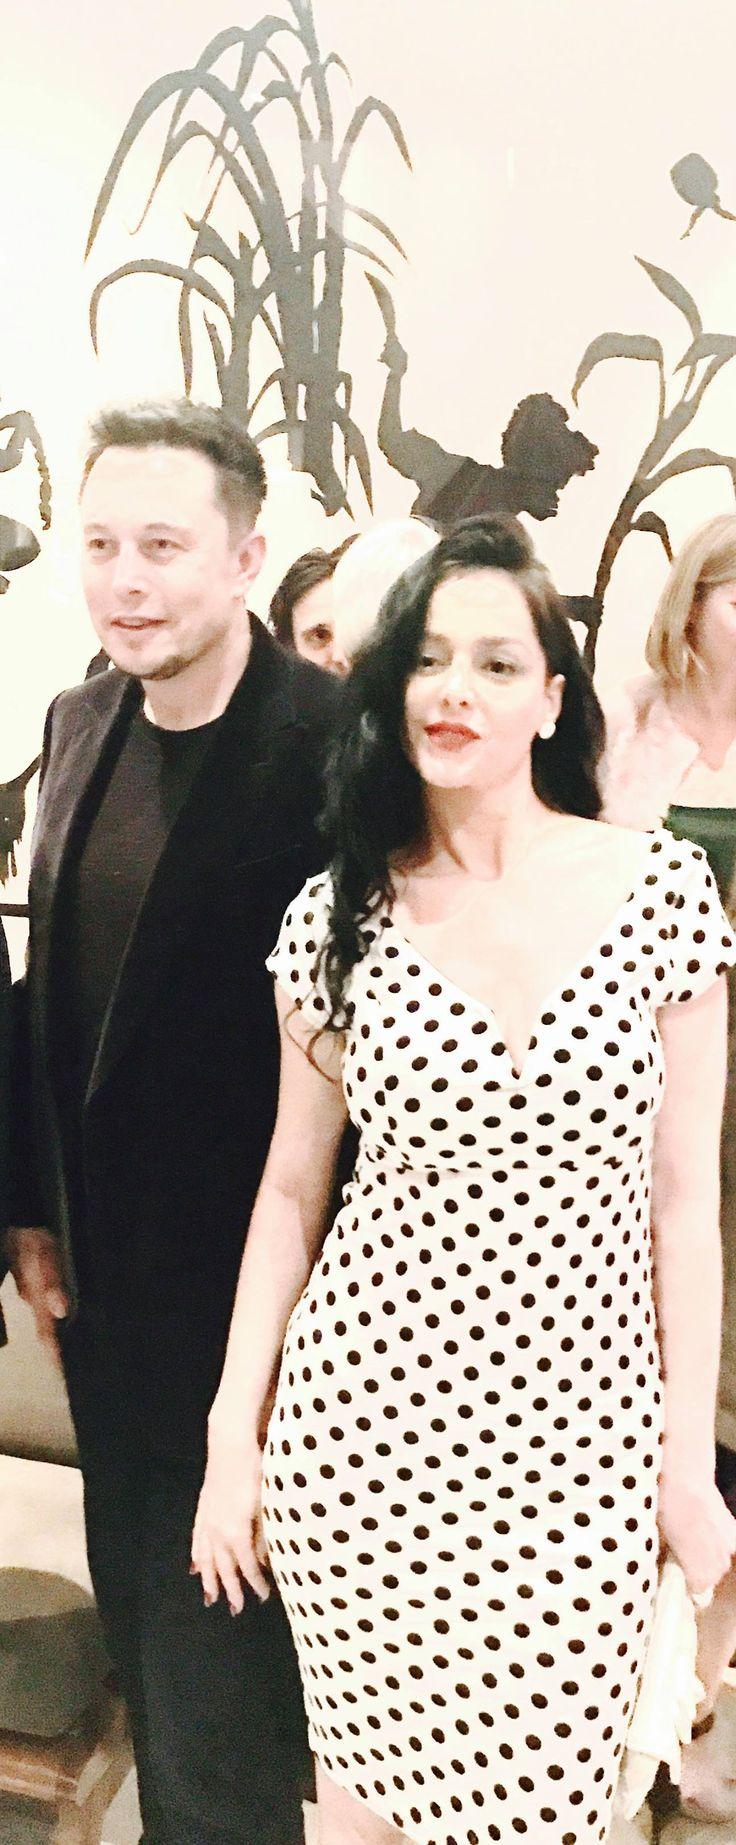 Despina Mirou & Elon Musk